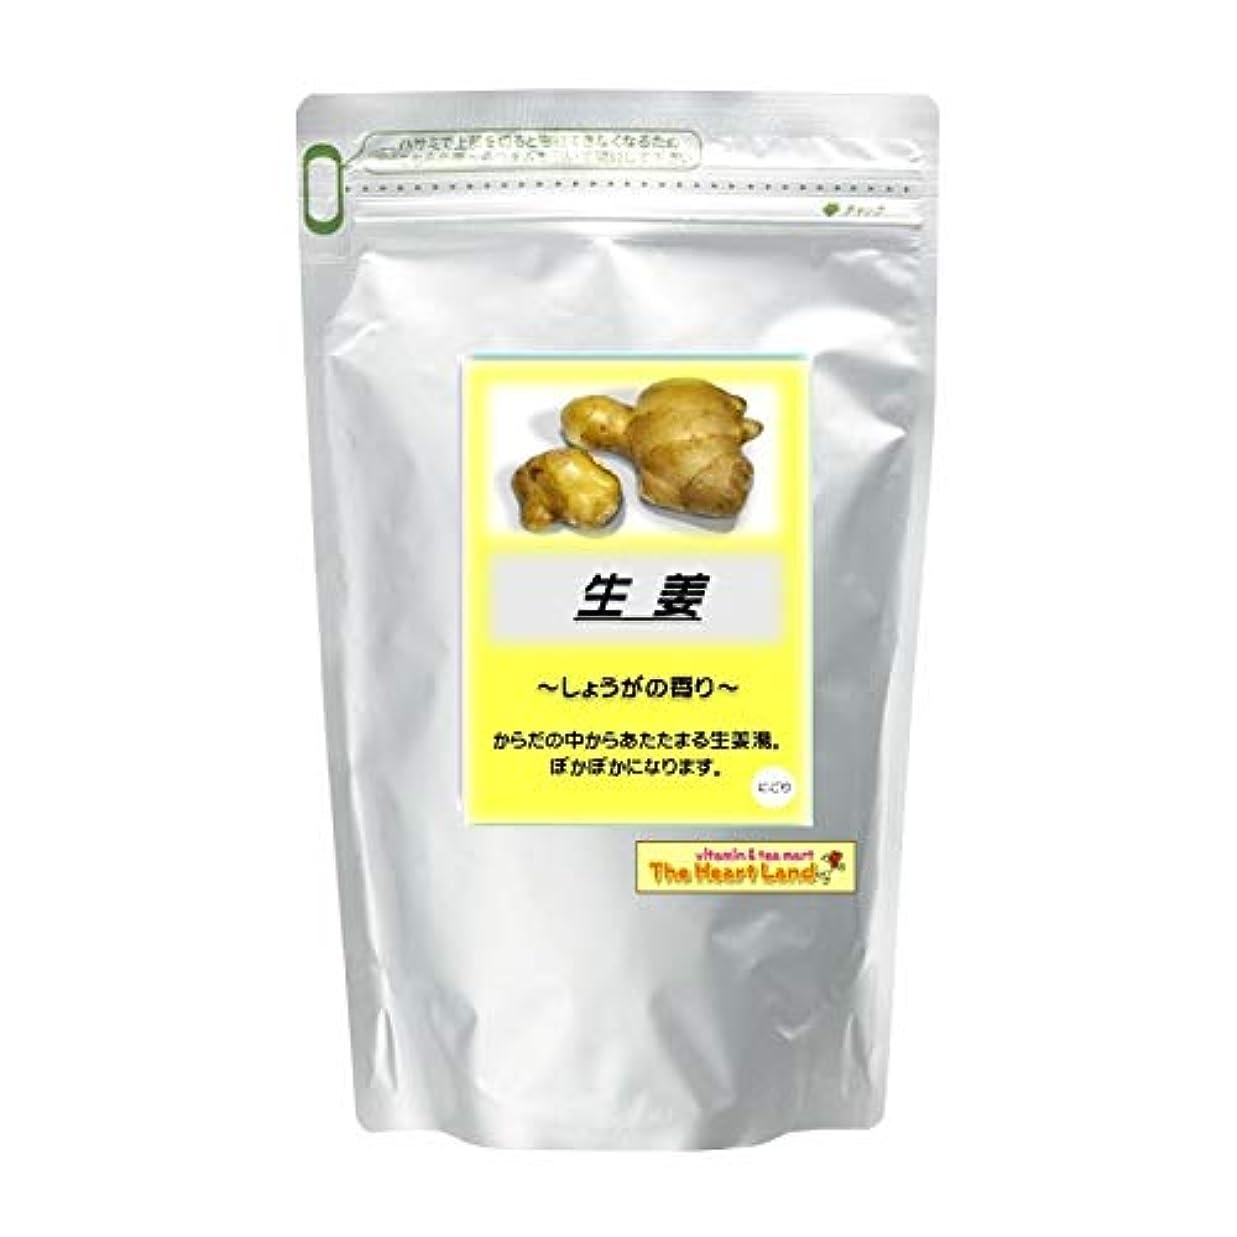 道路を作るプロセス鮫アブストラクトアサヒ入浴剤 浴用入浴化粧品 生姜 2.5kg